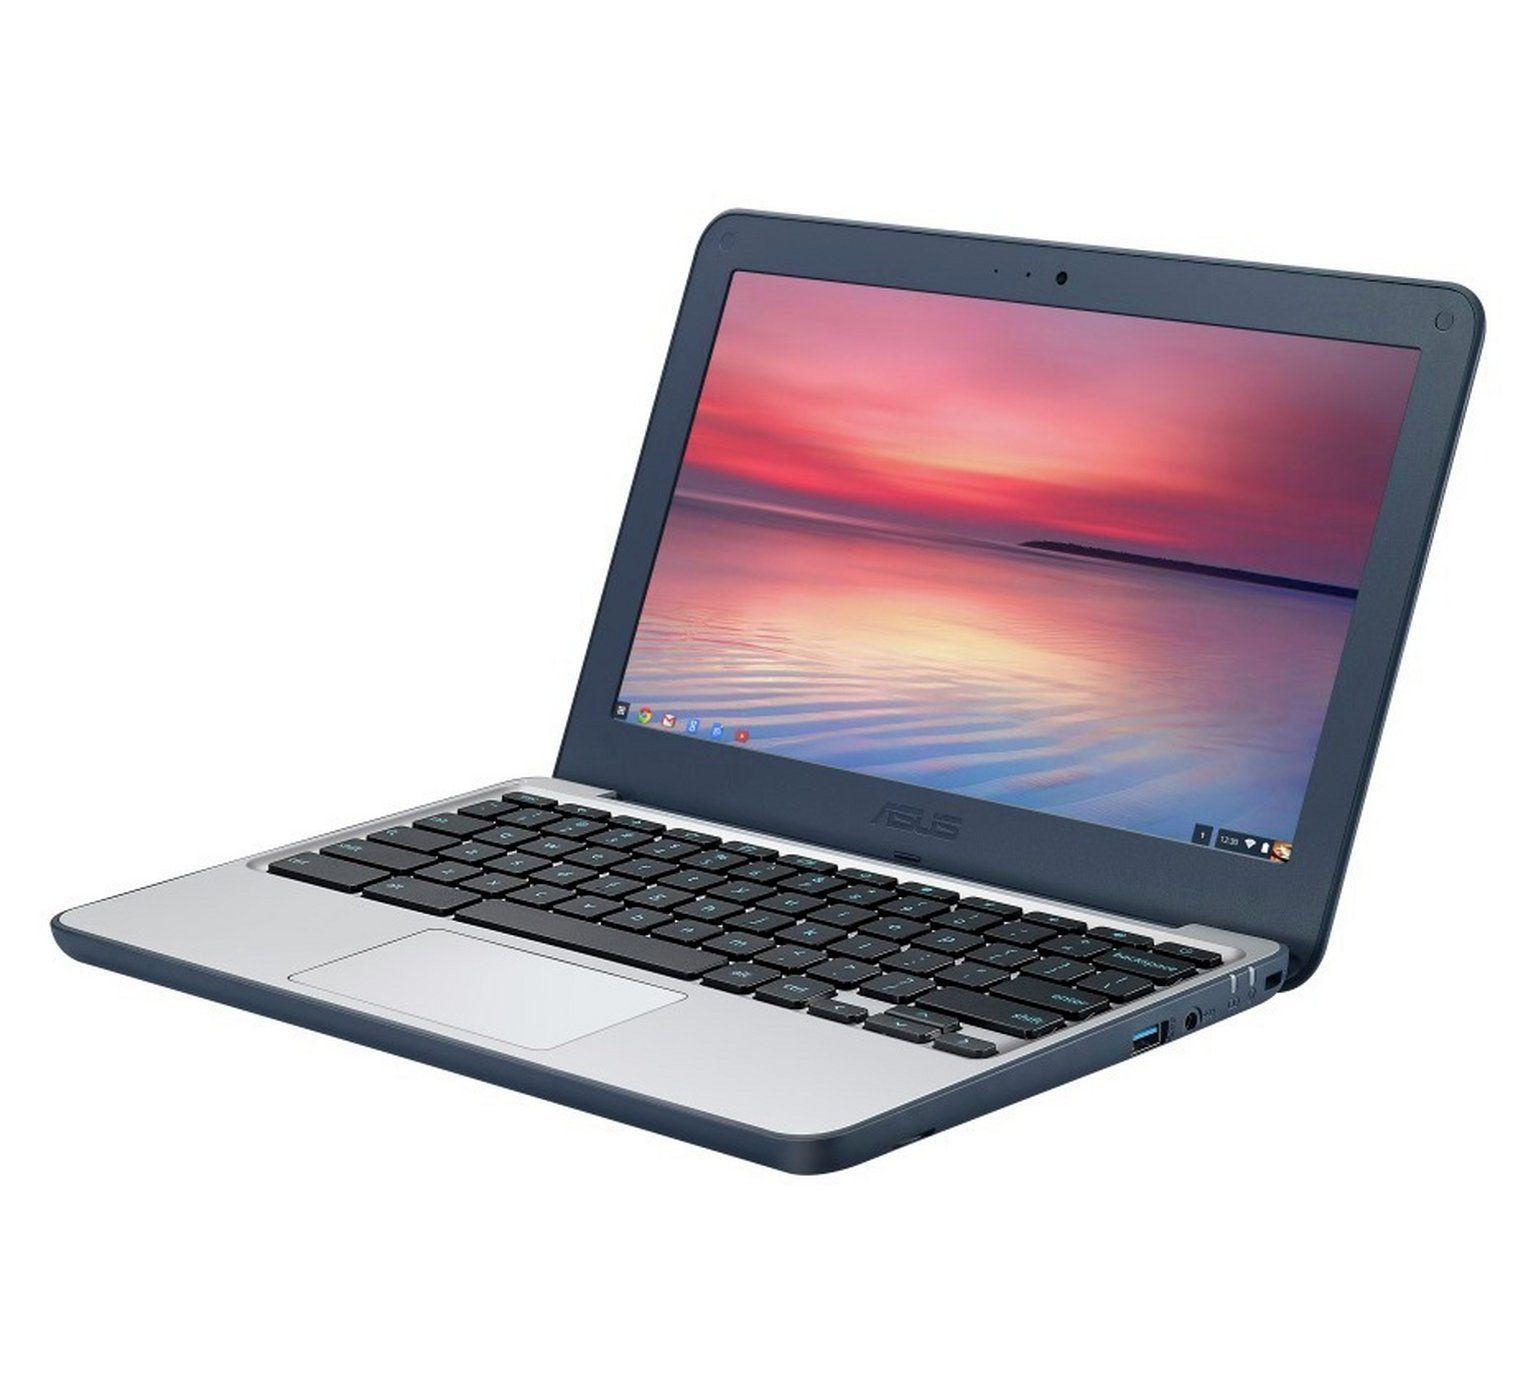 Asus C202 11.6 inch Chromebook (2GB, 16GB, Celeron) - £129.99 @ Argos